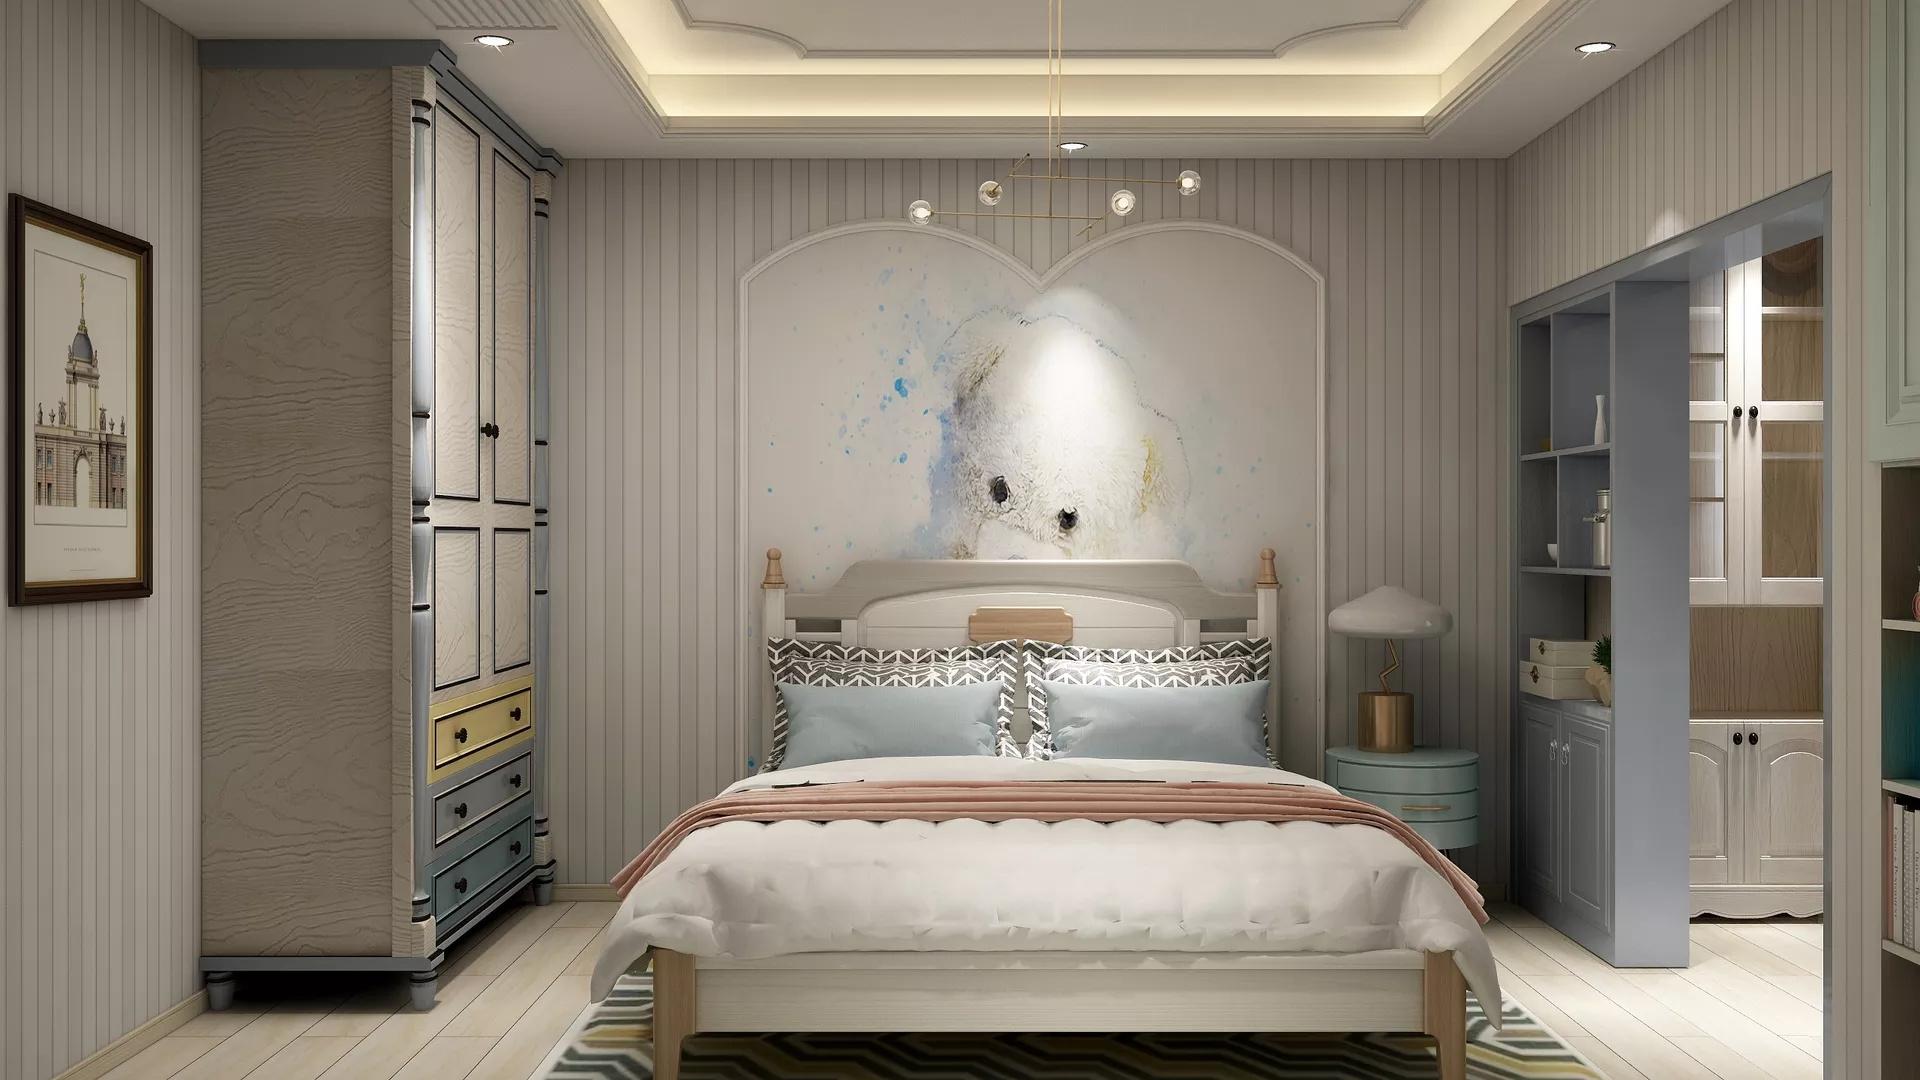 简洁白色温馨风格客厅装修效果图